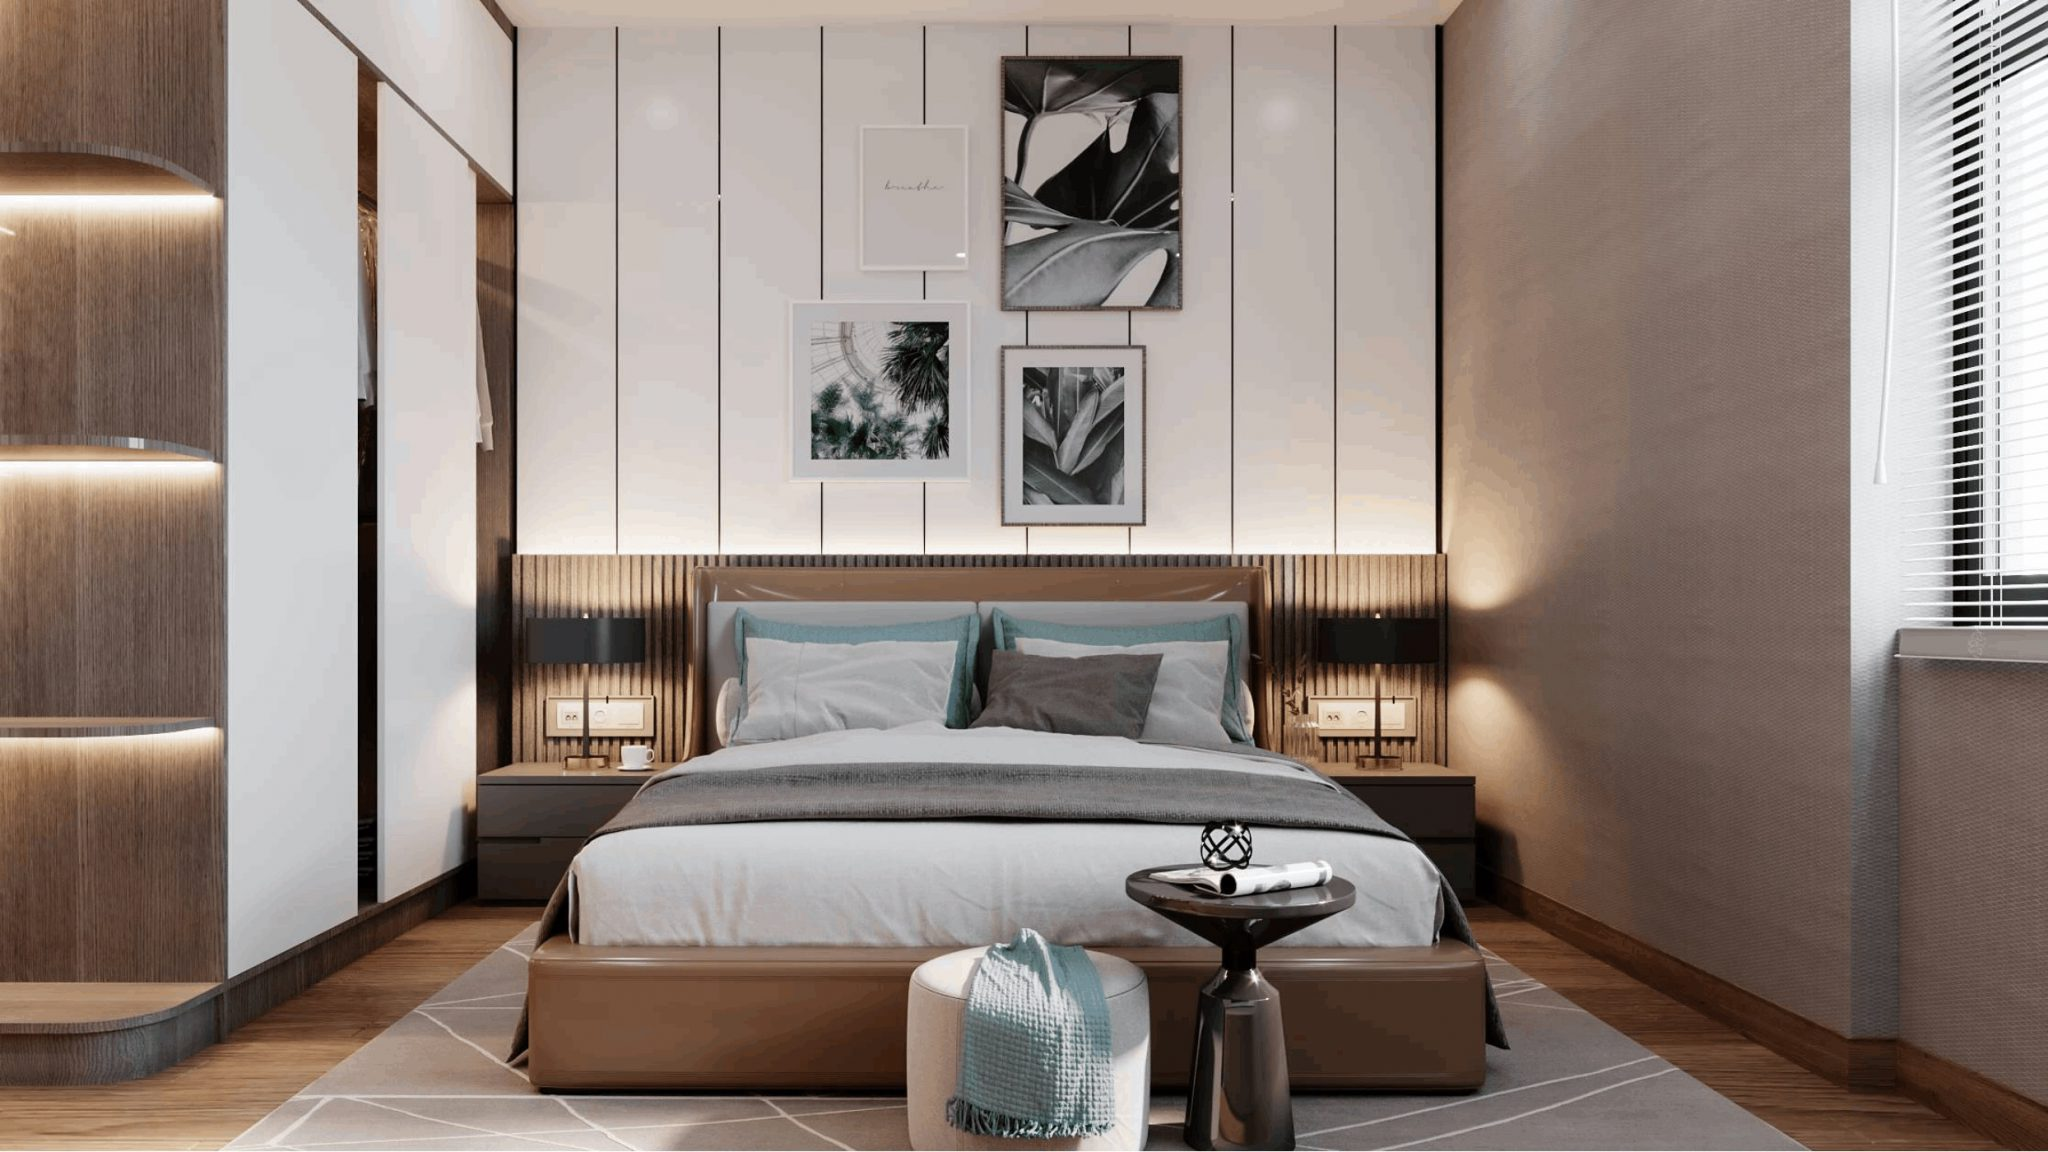 Phòng ngủ đủ nắng và gió tự nhiên Chung cư Feliz Homes Đền Lừ Hoàng Mai